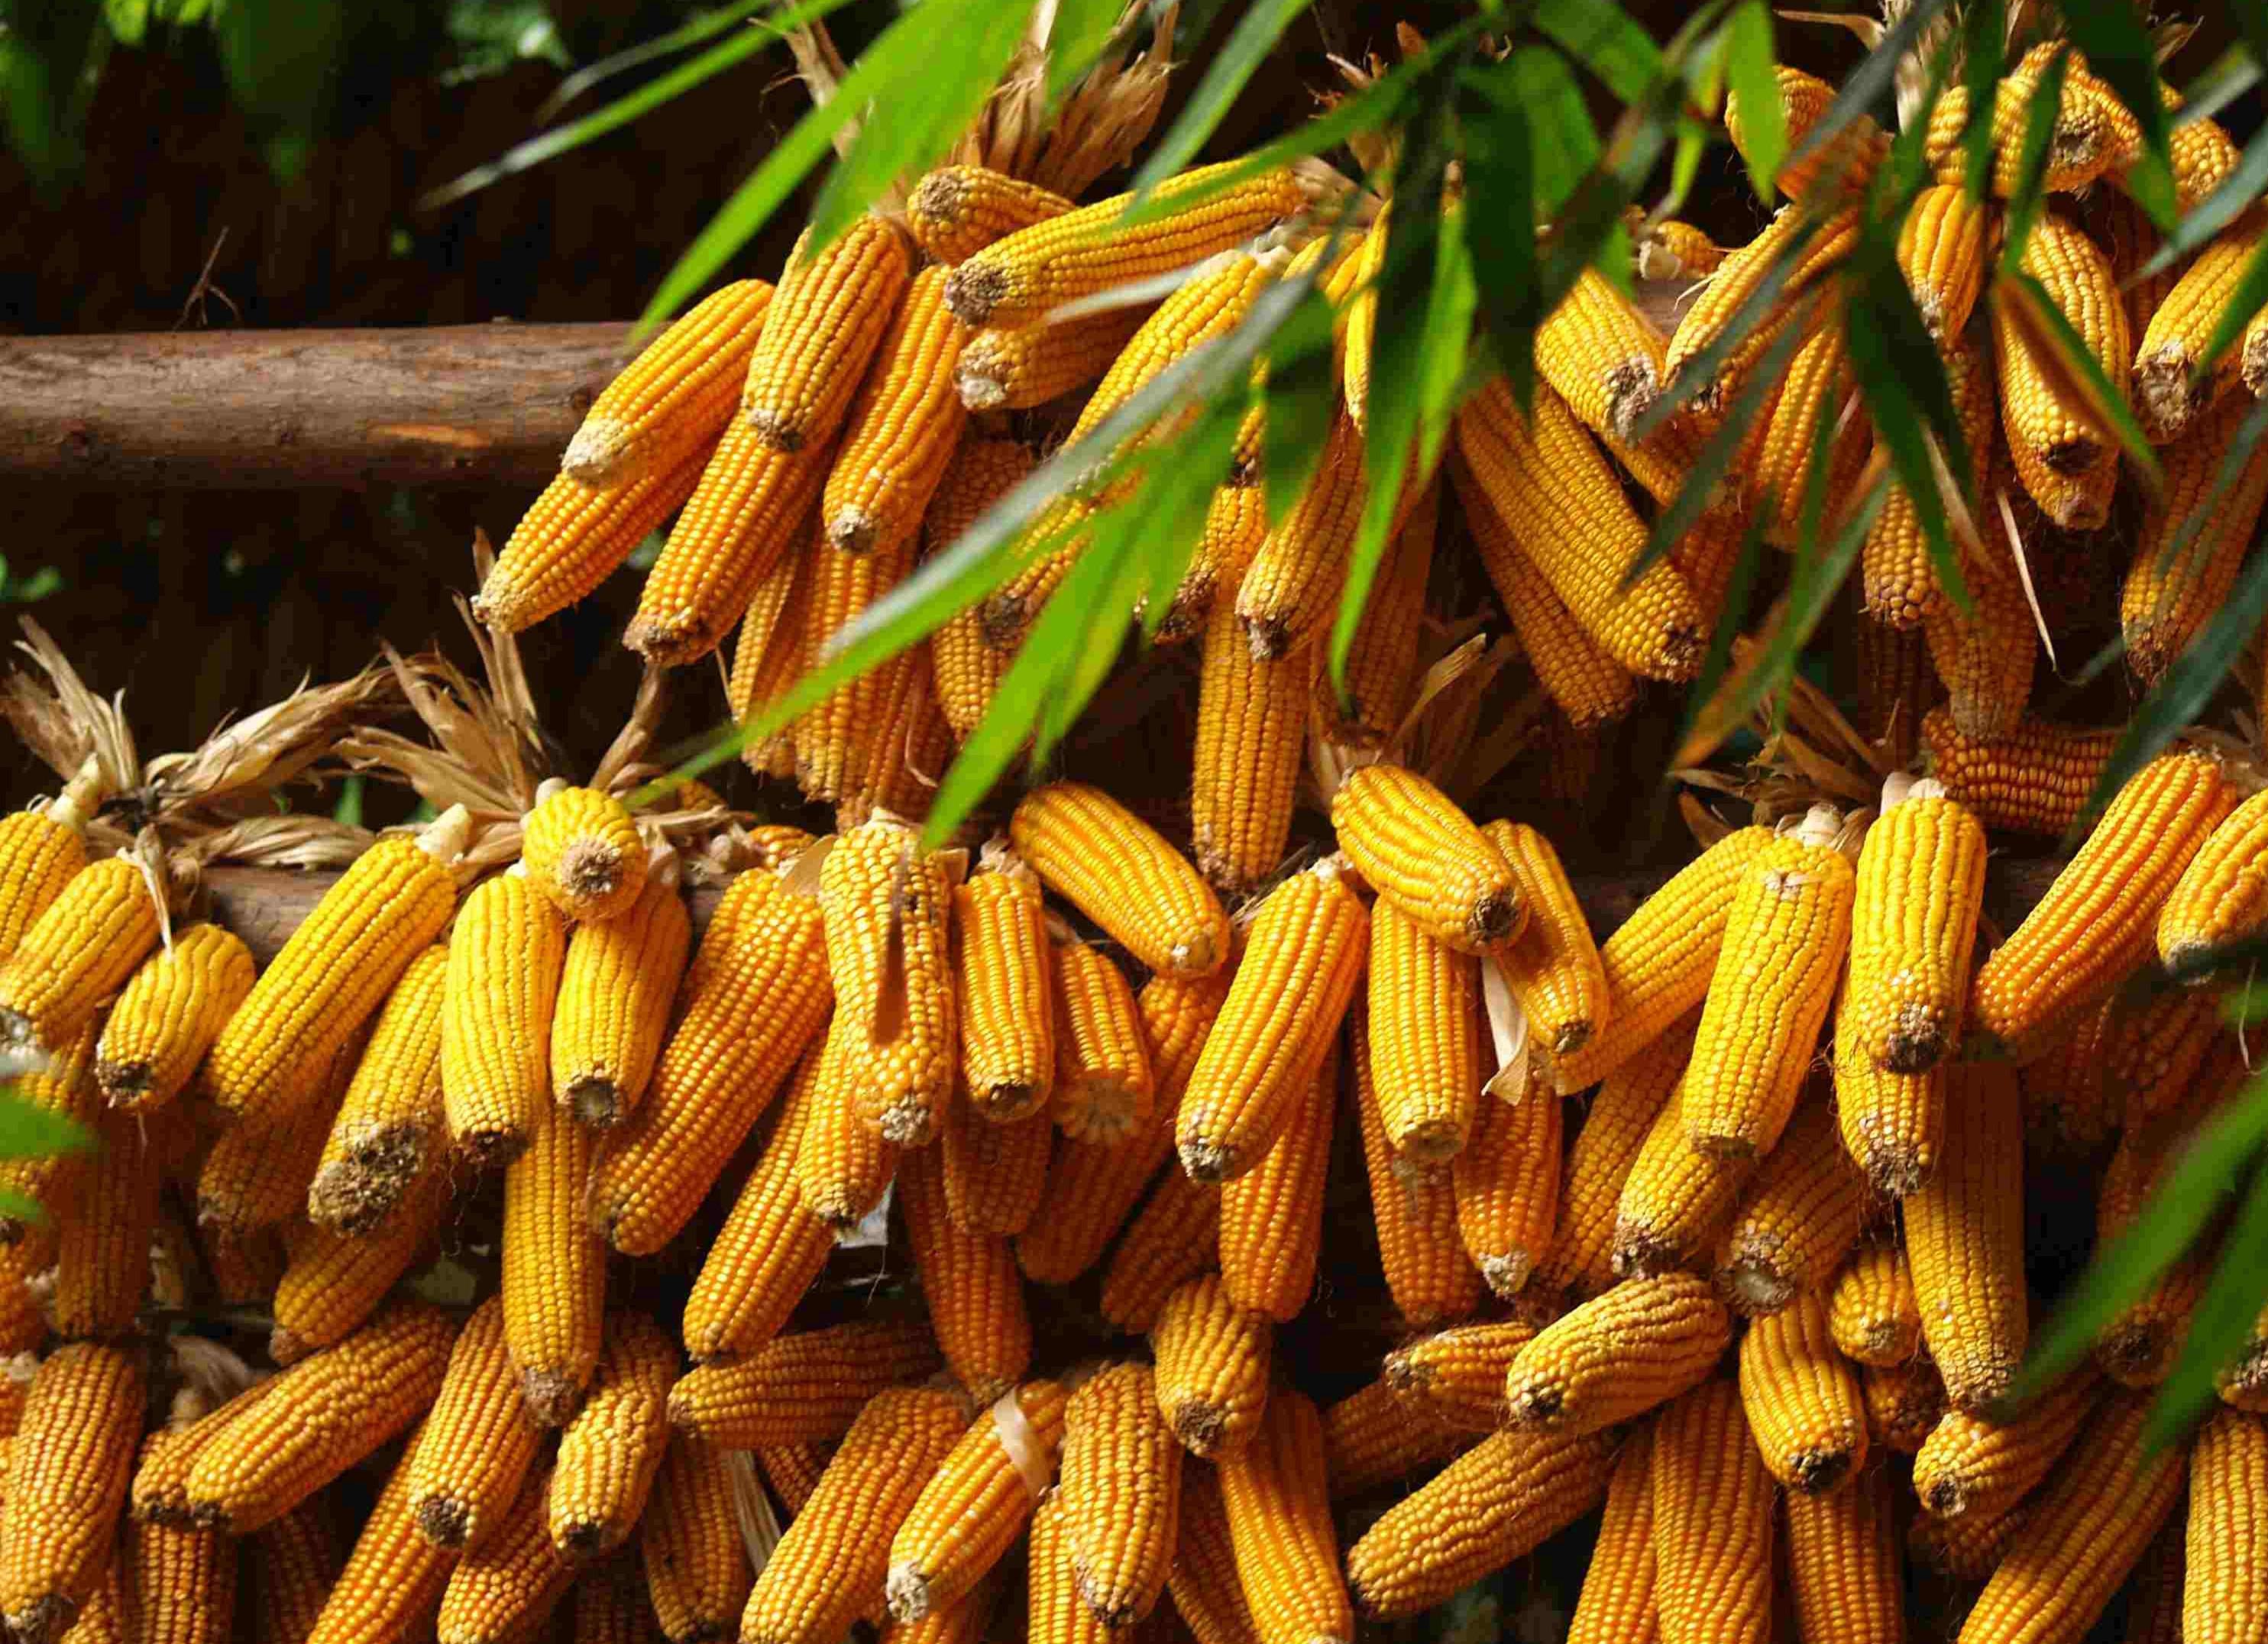 """2021年10月26日全国各省市玉米价格行情,玉米价格迎来关键""""2涨"""",但后续上涨仍有""""隐患""""!"""